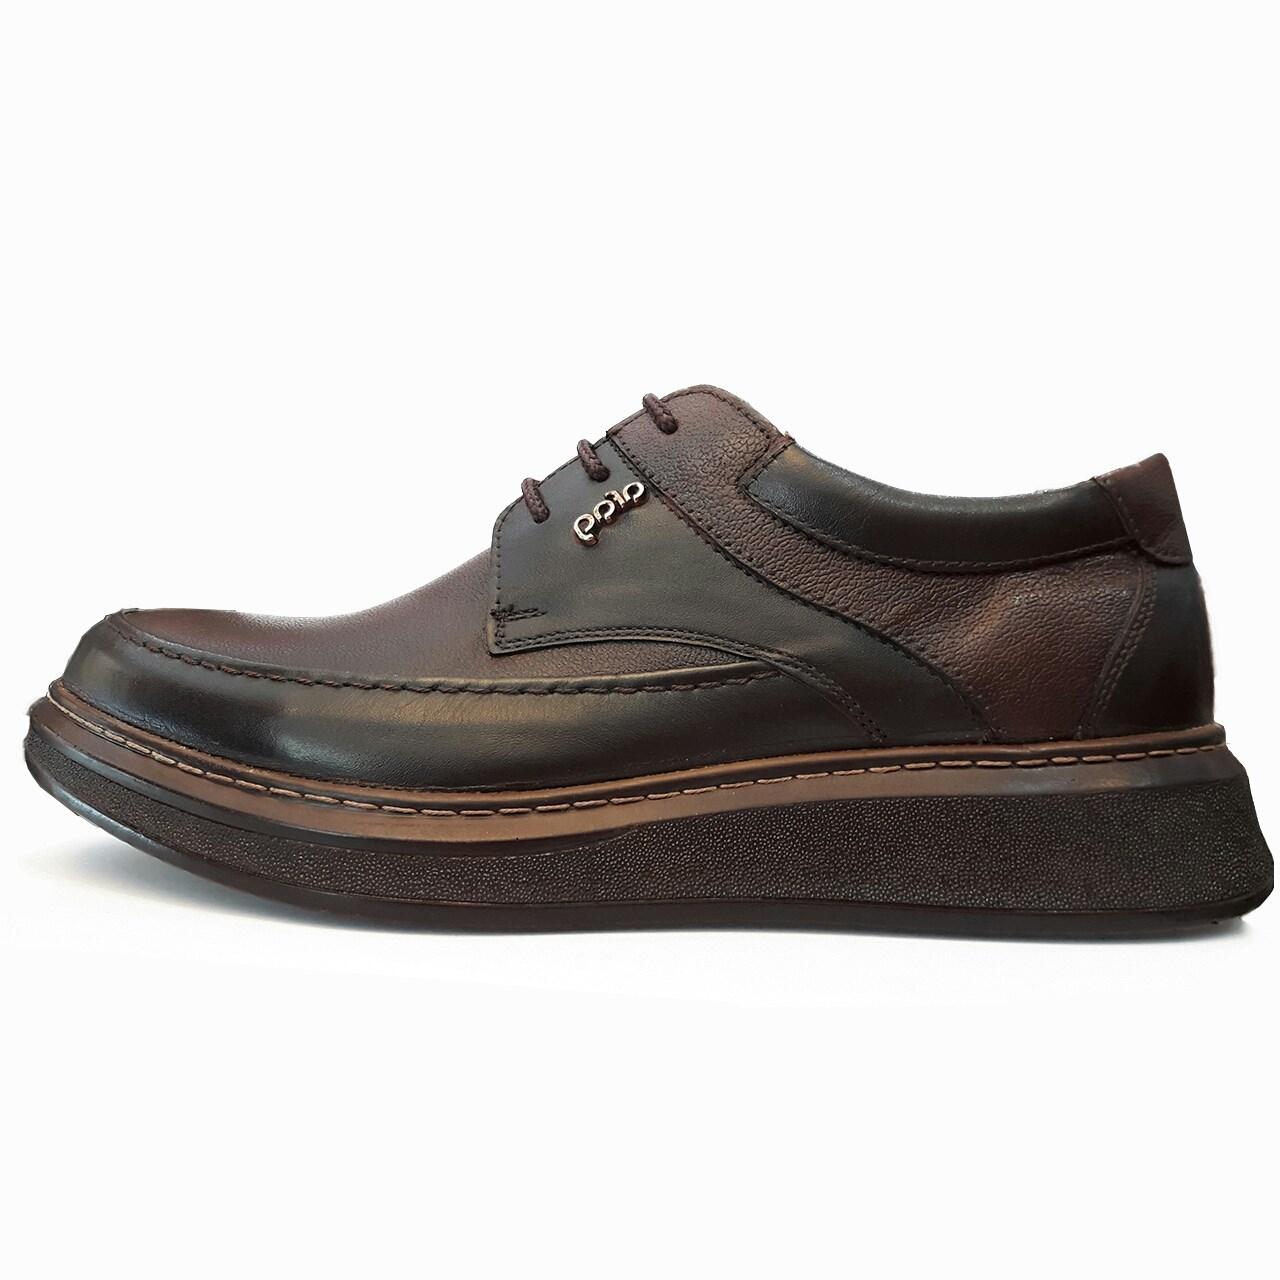 قیمت کفش مردانه آفاق مدل 328 کلاسیک